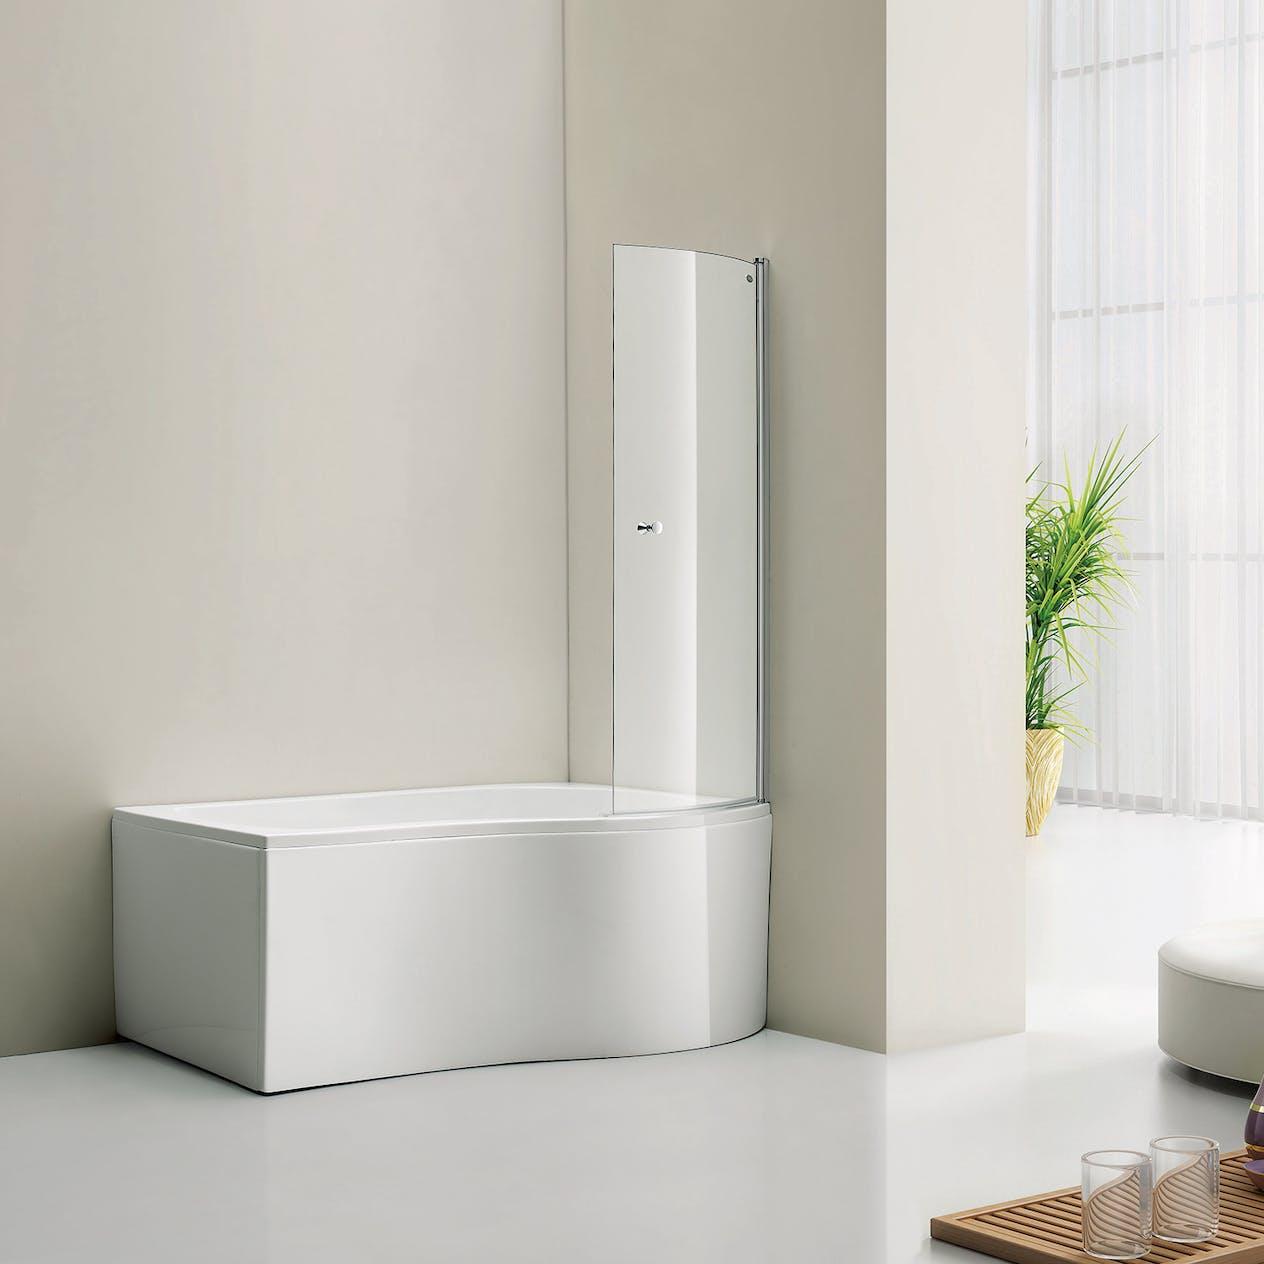 Ekstra Badekar Bathlife Ideal Comfort med Dusjvegg Form STR514116 EY-69